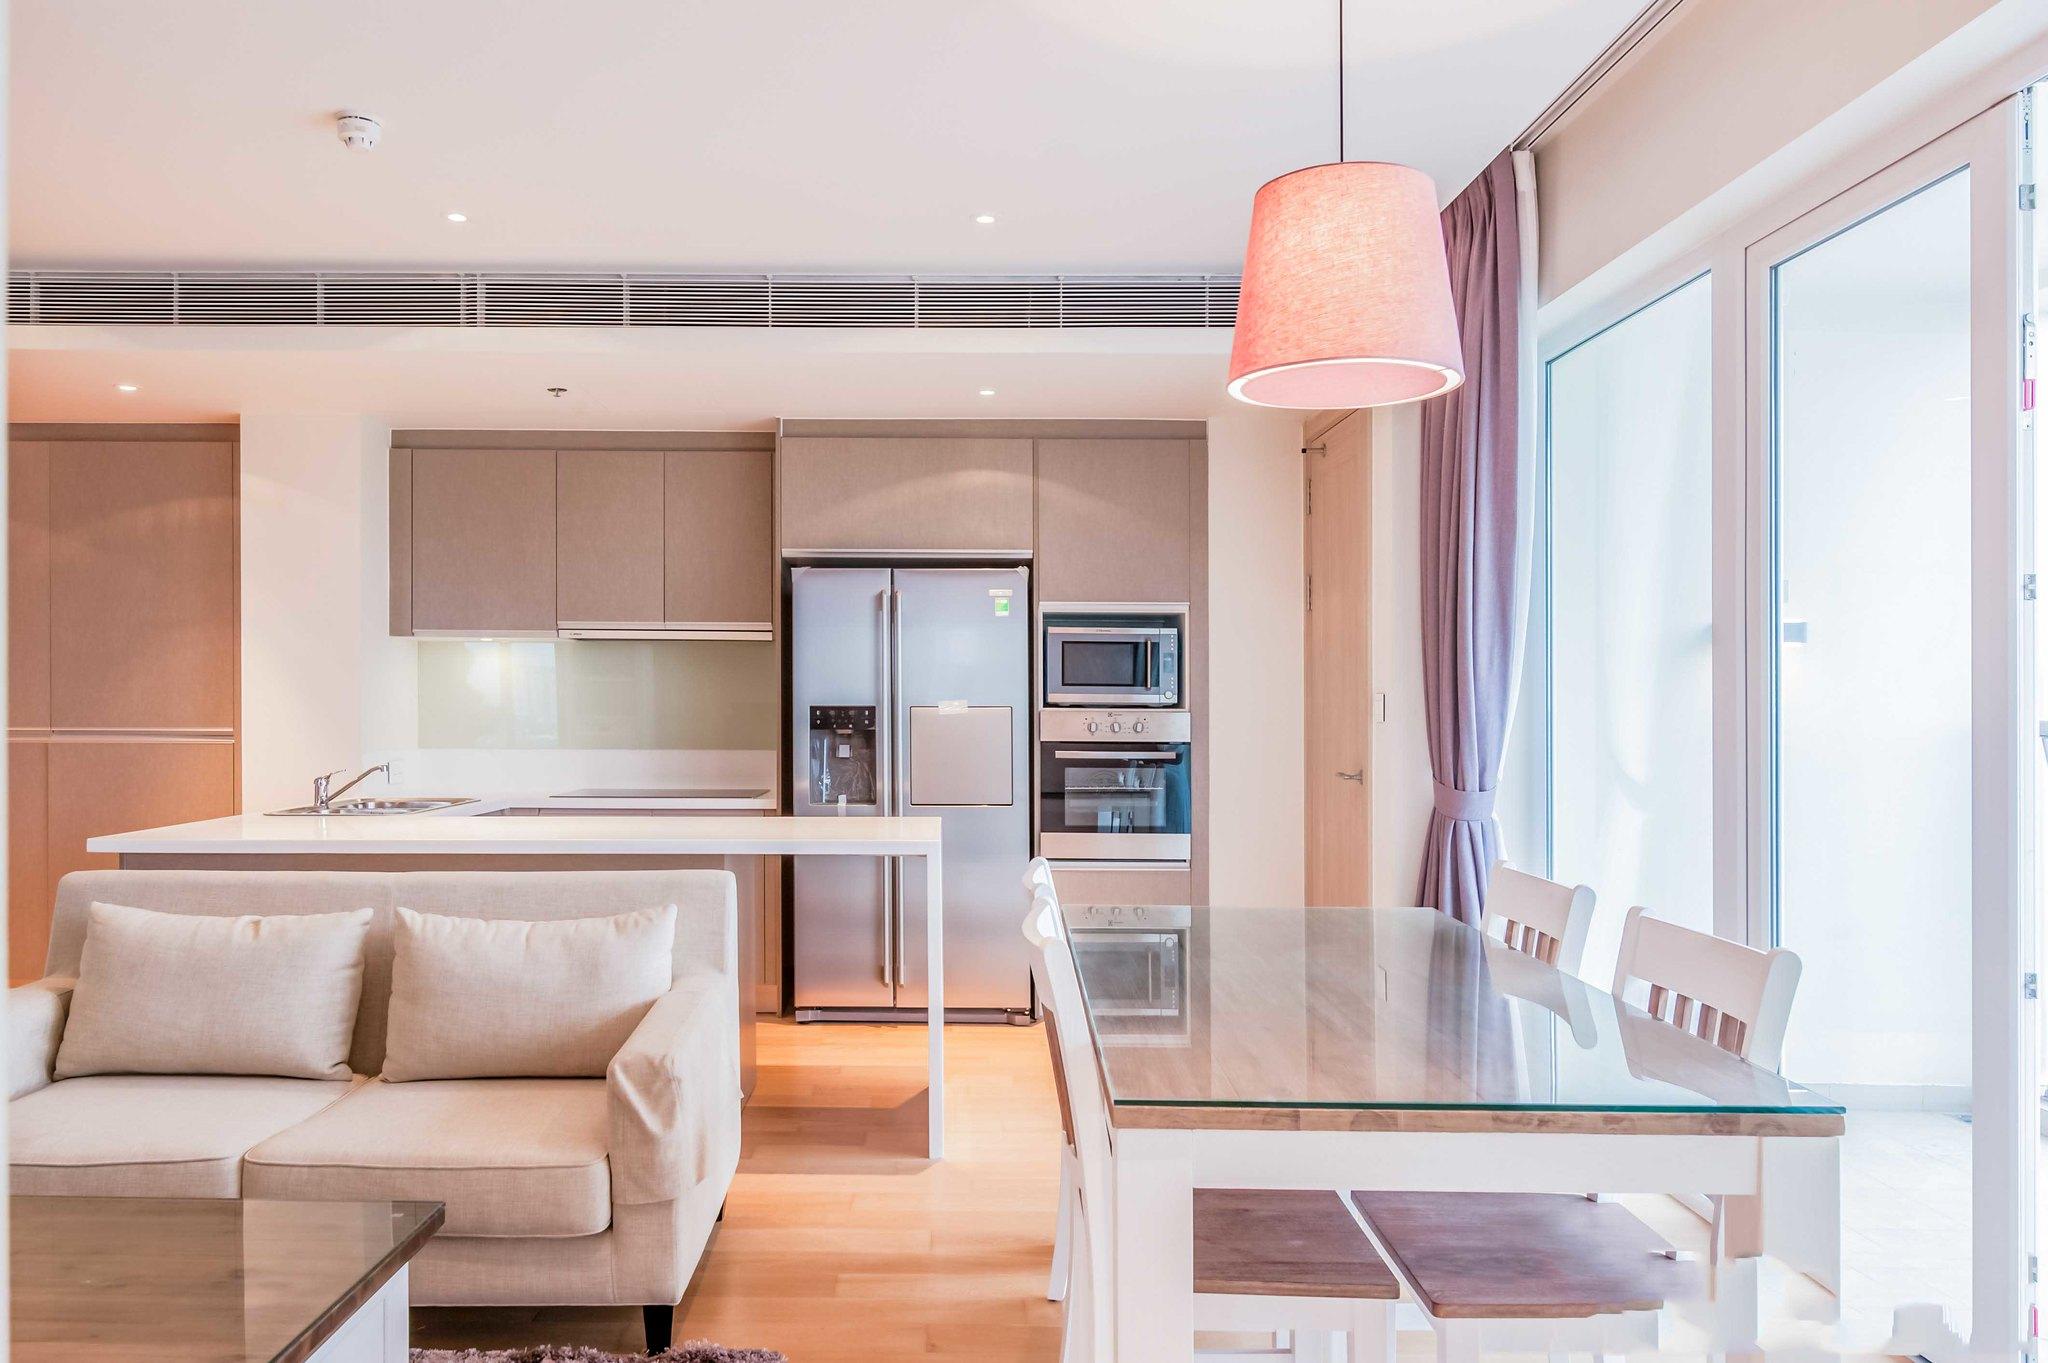 Các thiết bị nội thất tại Diamond Island Luxury Residences từ các hãng danh tiếng; Các căn được trang bị tủ lạnh Side by side, lò nướng, máy rửa chén, bếp điện từ nhãn hiệu Bosch hoặc tương đương